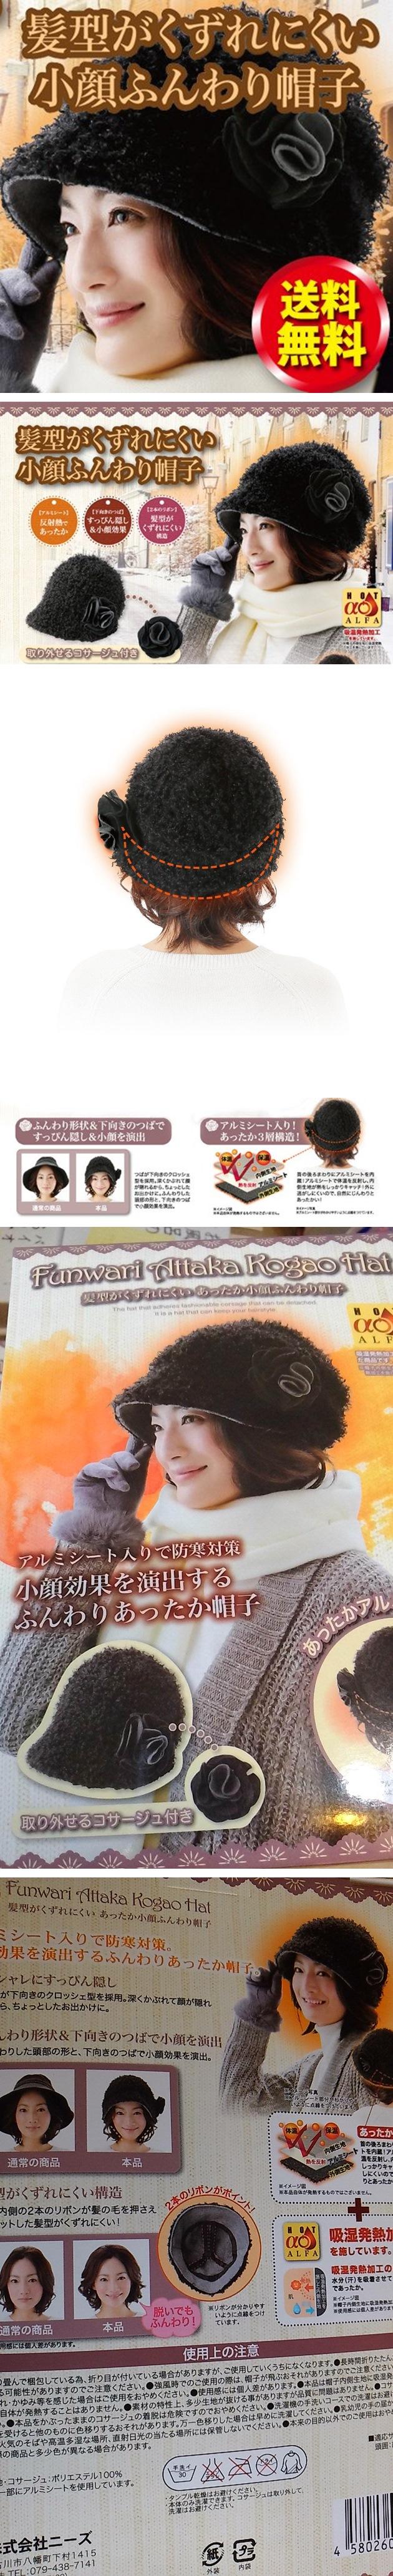 【草屯店】 日本 進口 小臉 小顏 防寒 保暖 帽 髮型保護 髮型固定